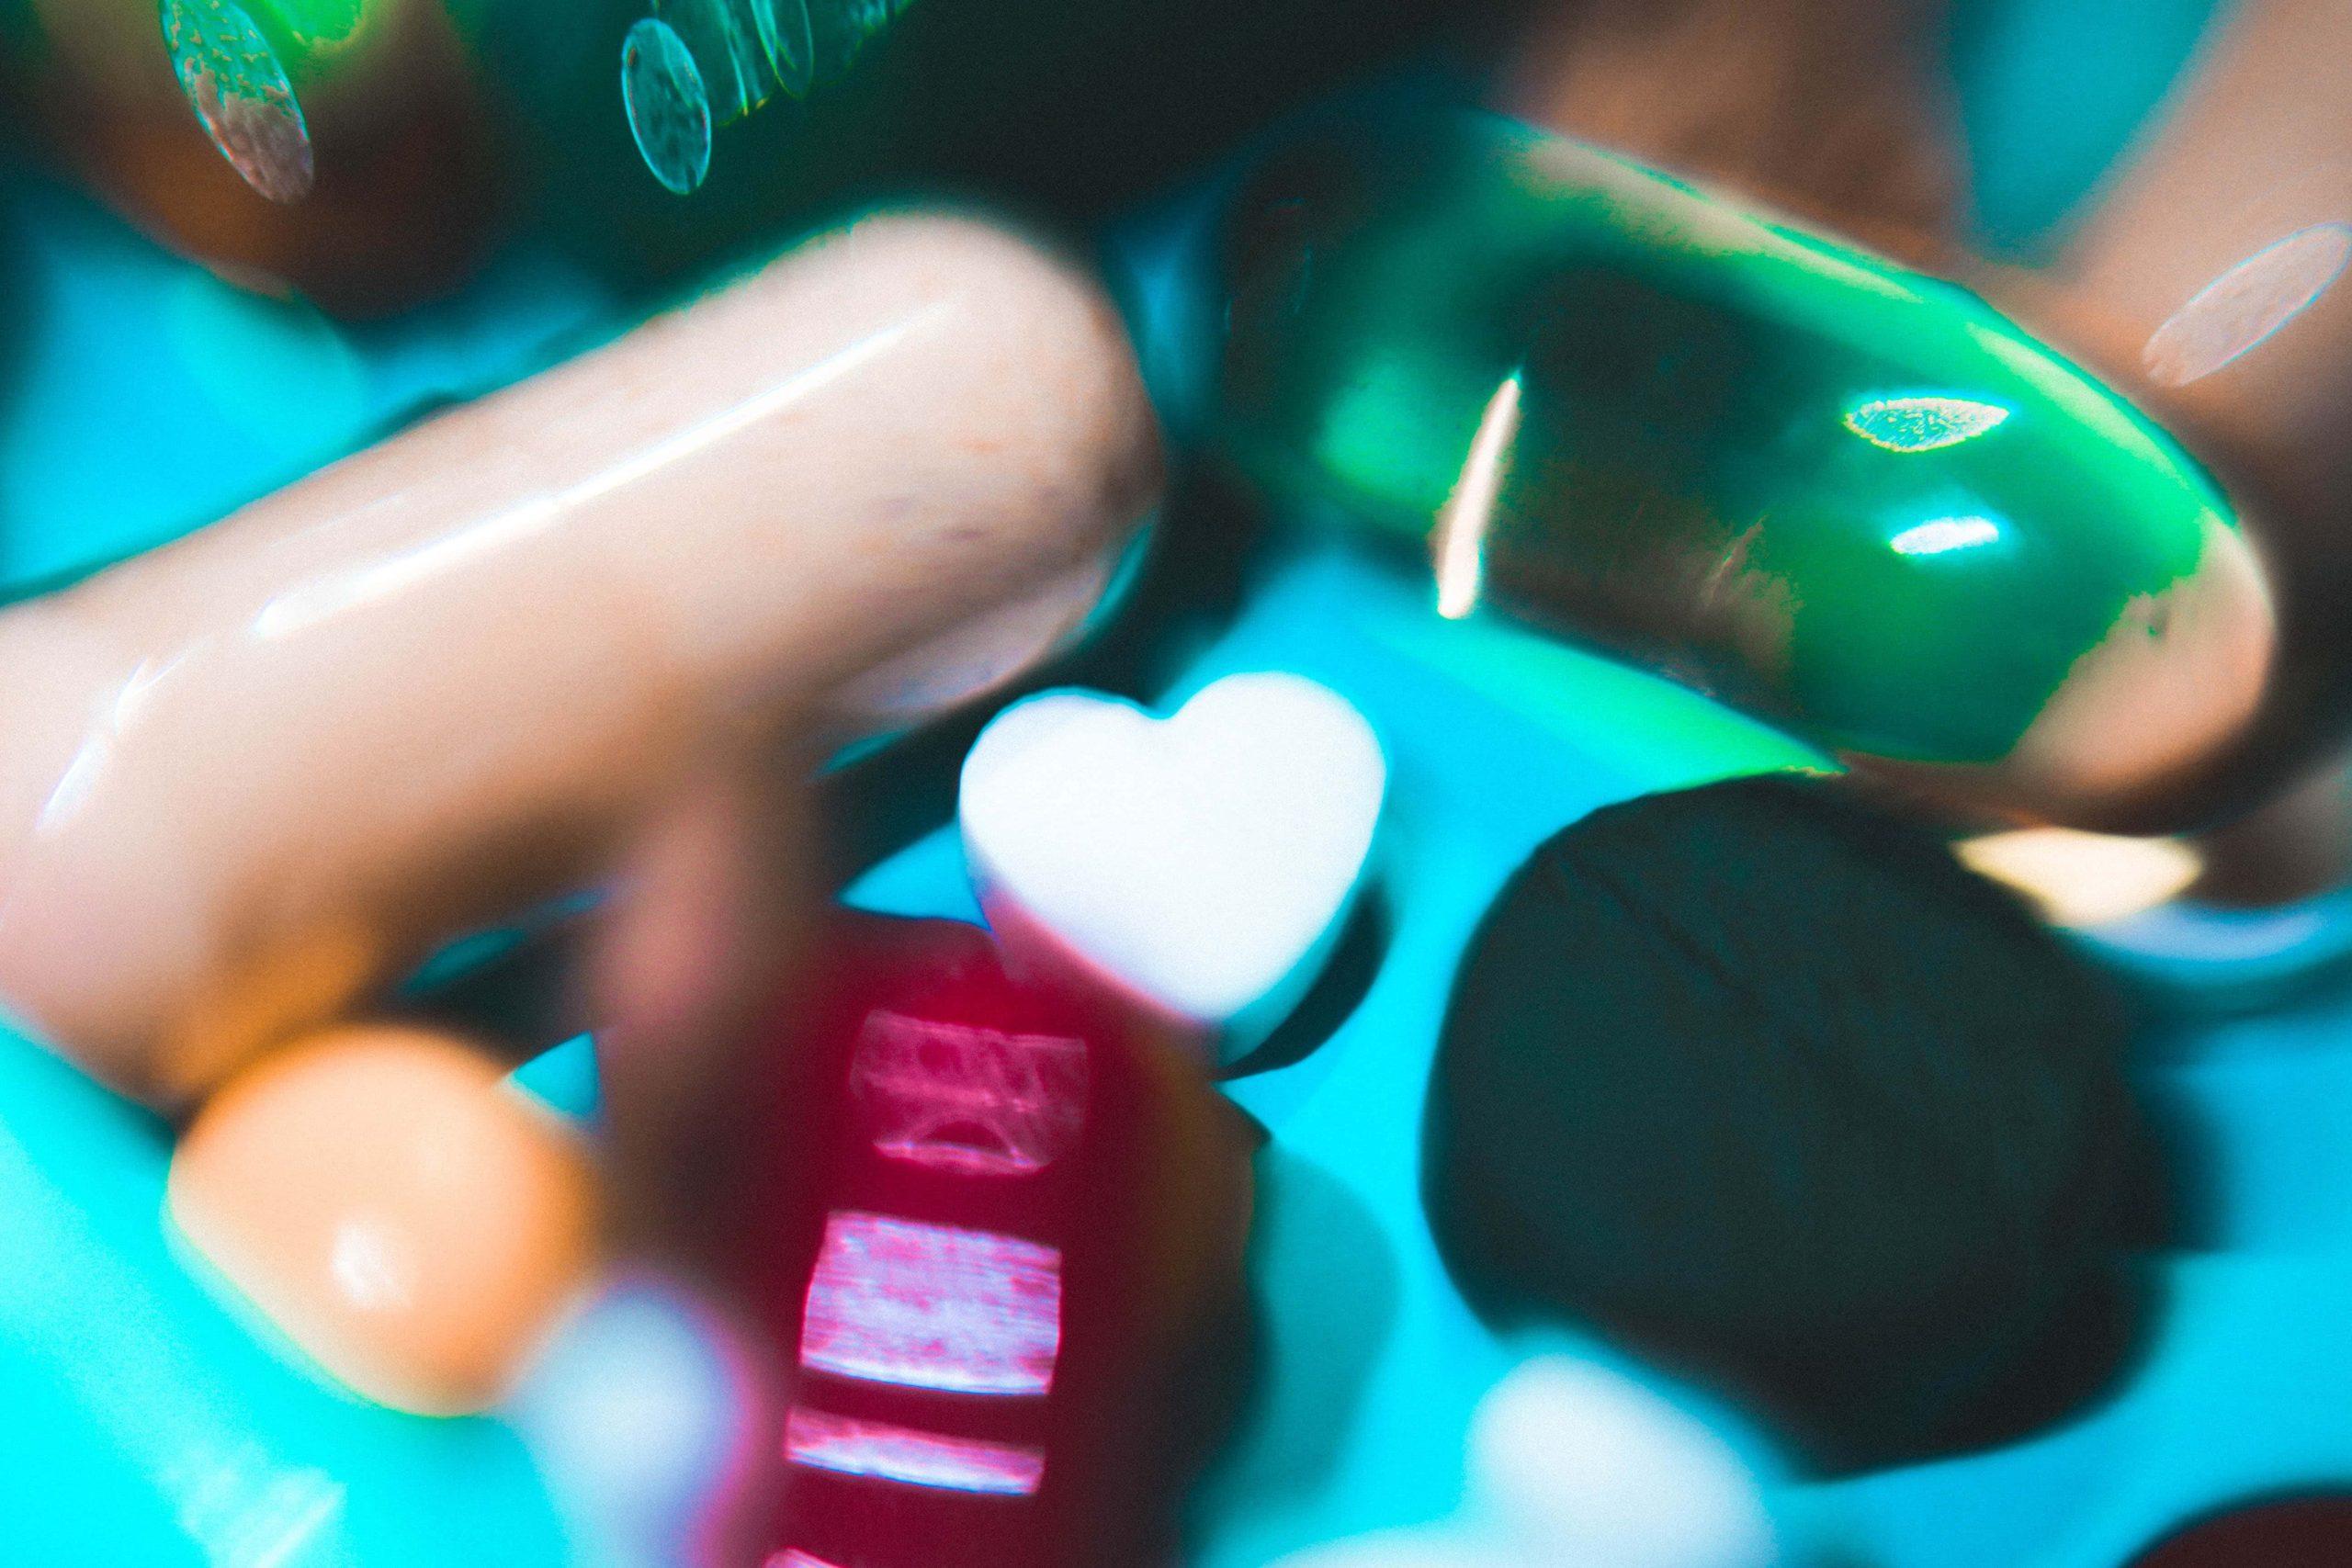 パキシル錠を飲むと太る原因の対策